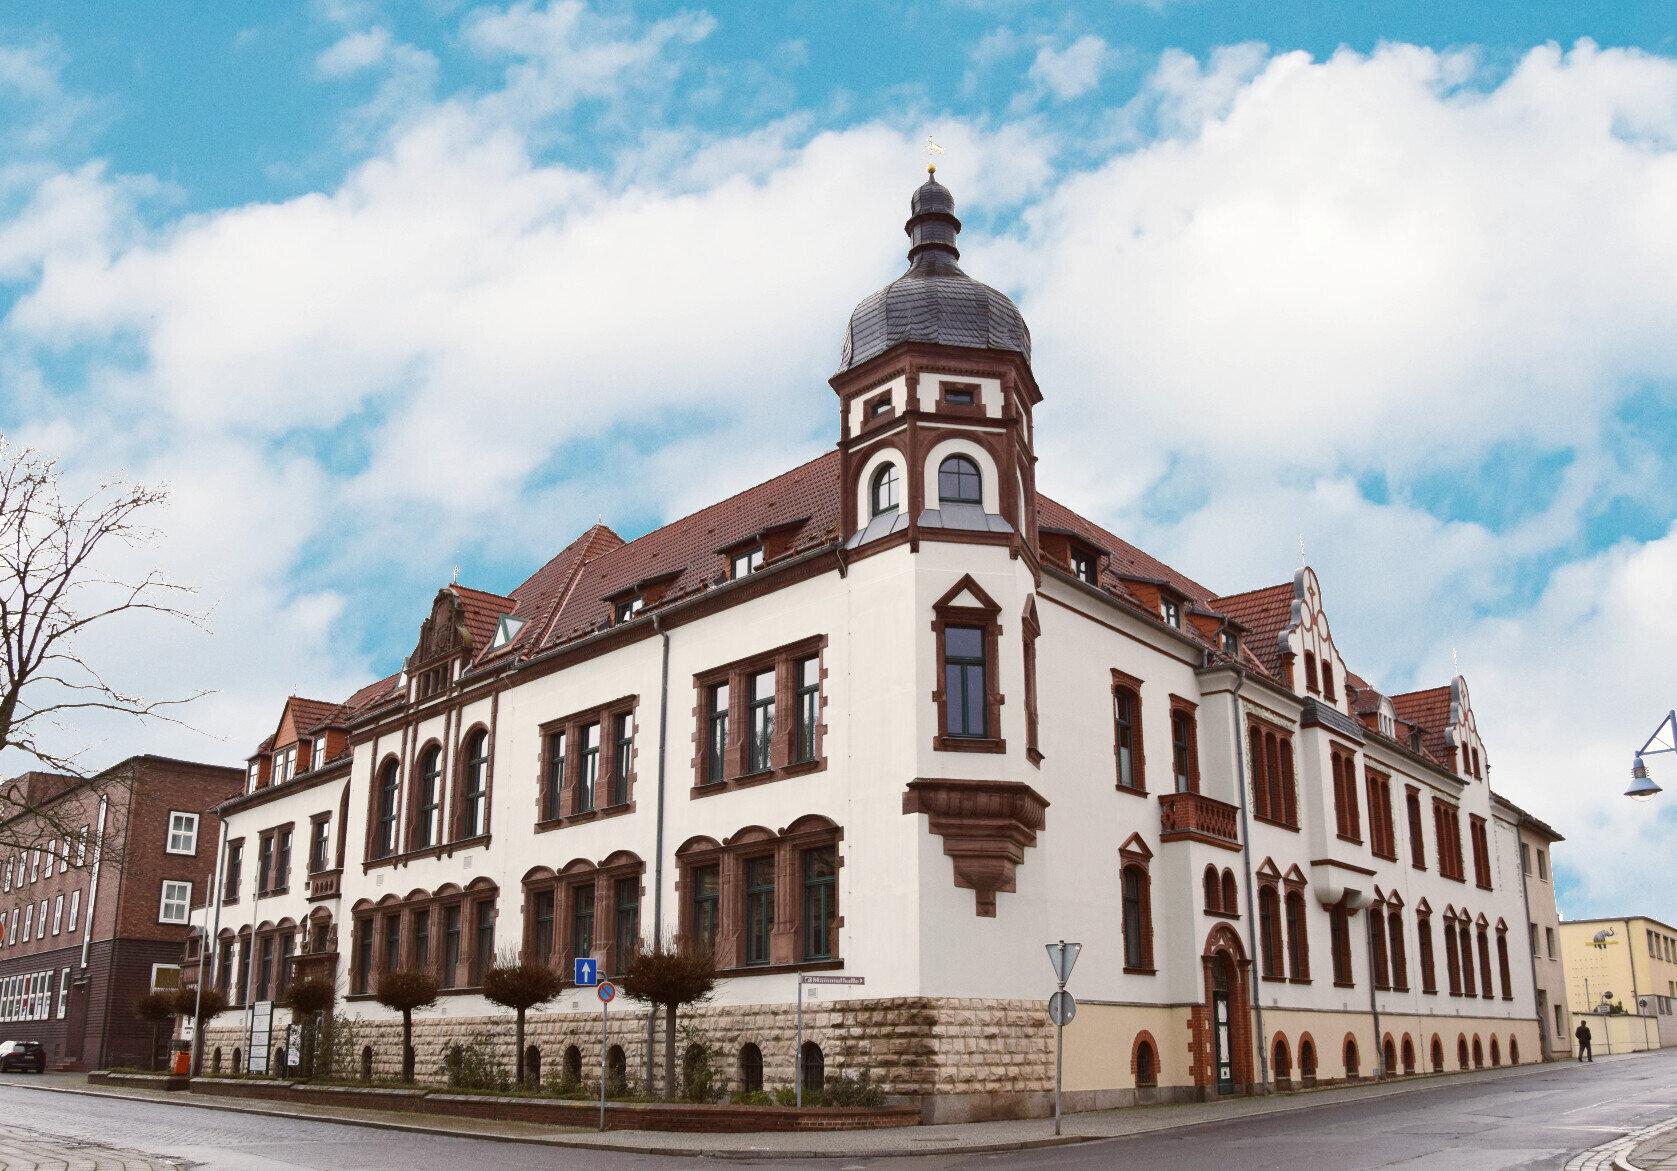 Foto: Landkreis Mansfeld-Südharz/ S. Stoppa